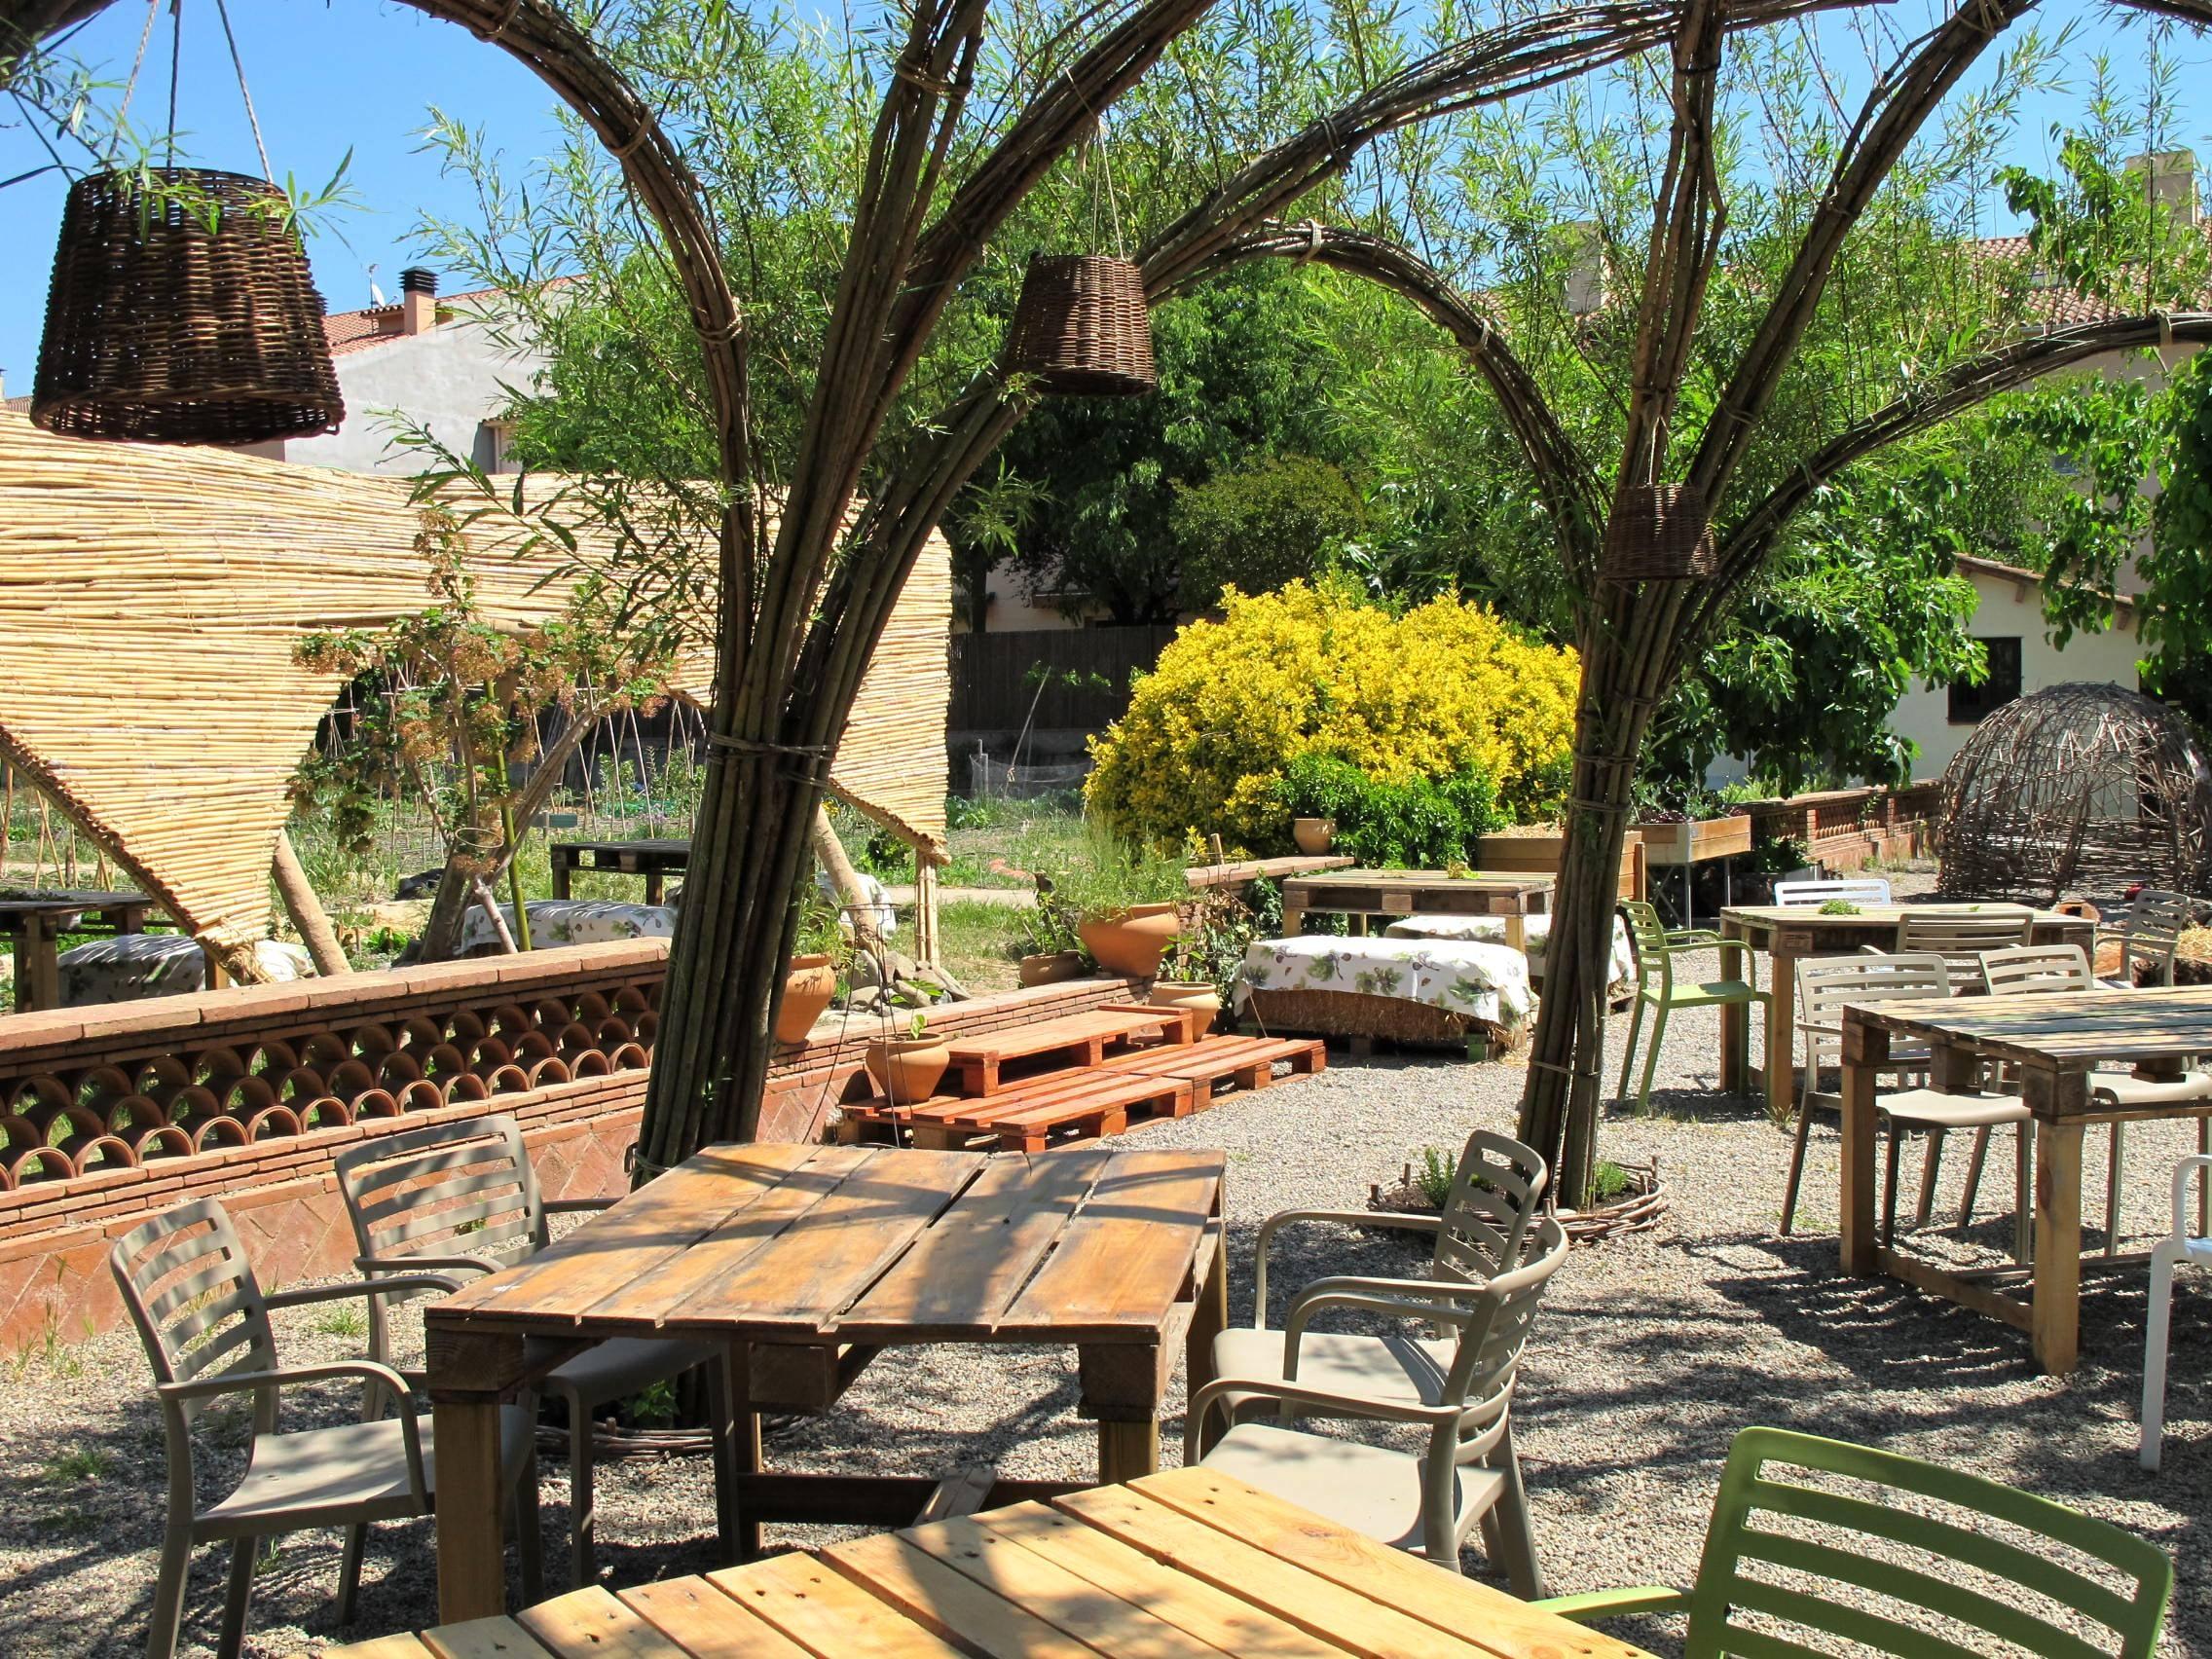 A partir del mes d'abril ja podràs gaudir de la terrassa del restaurant EsBioesfera.